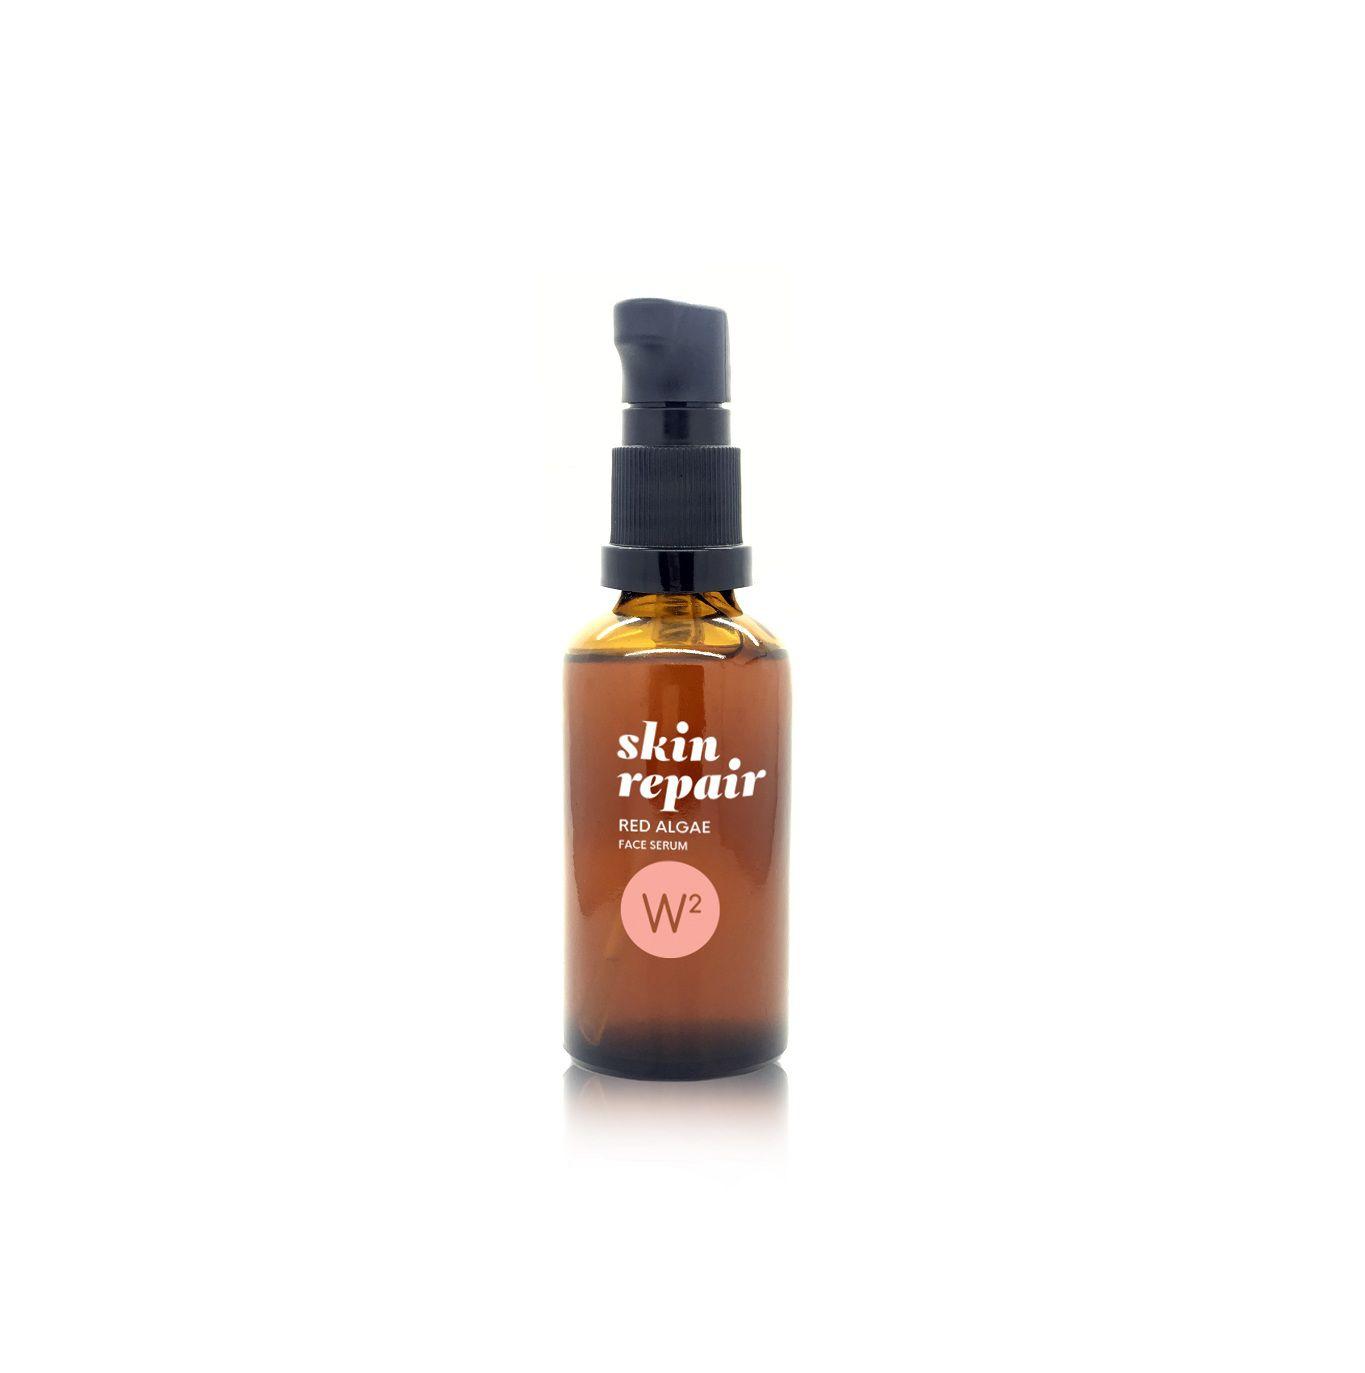 W2 skin repair face serum